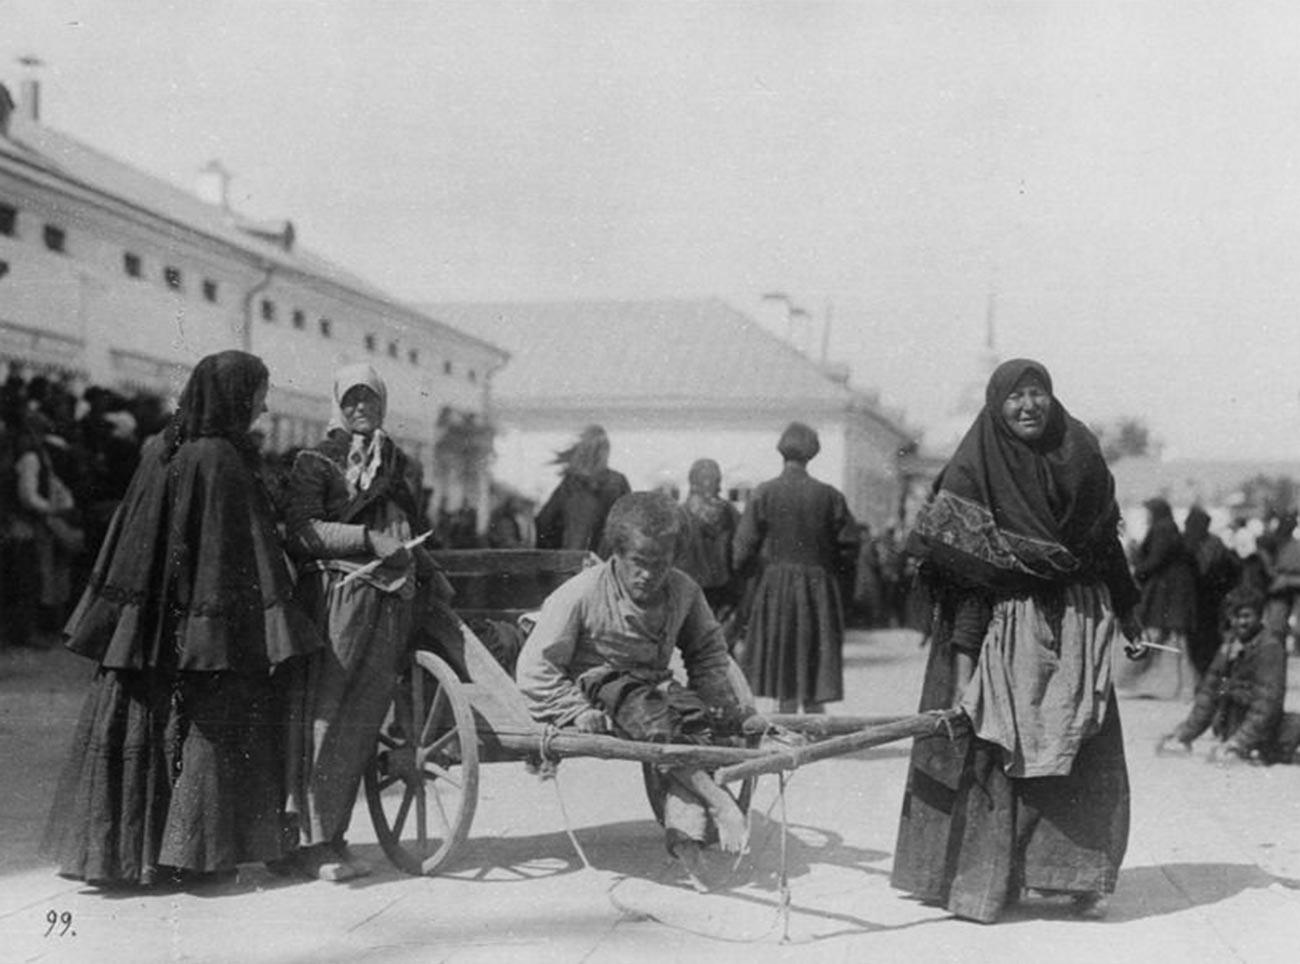 Une paysanne transportant son fils invalide près du monastère de Sarov, 1903